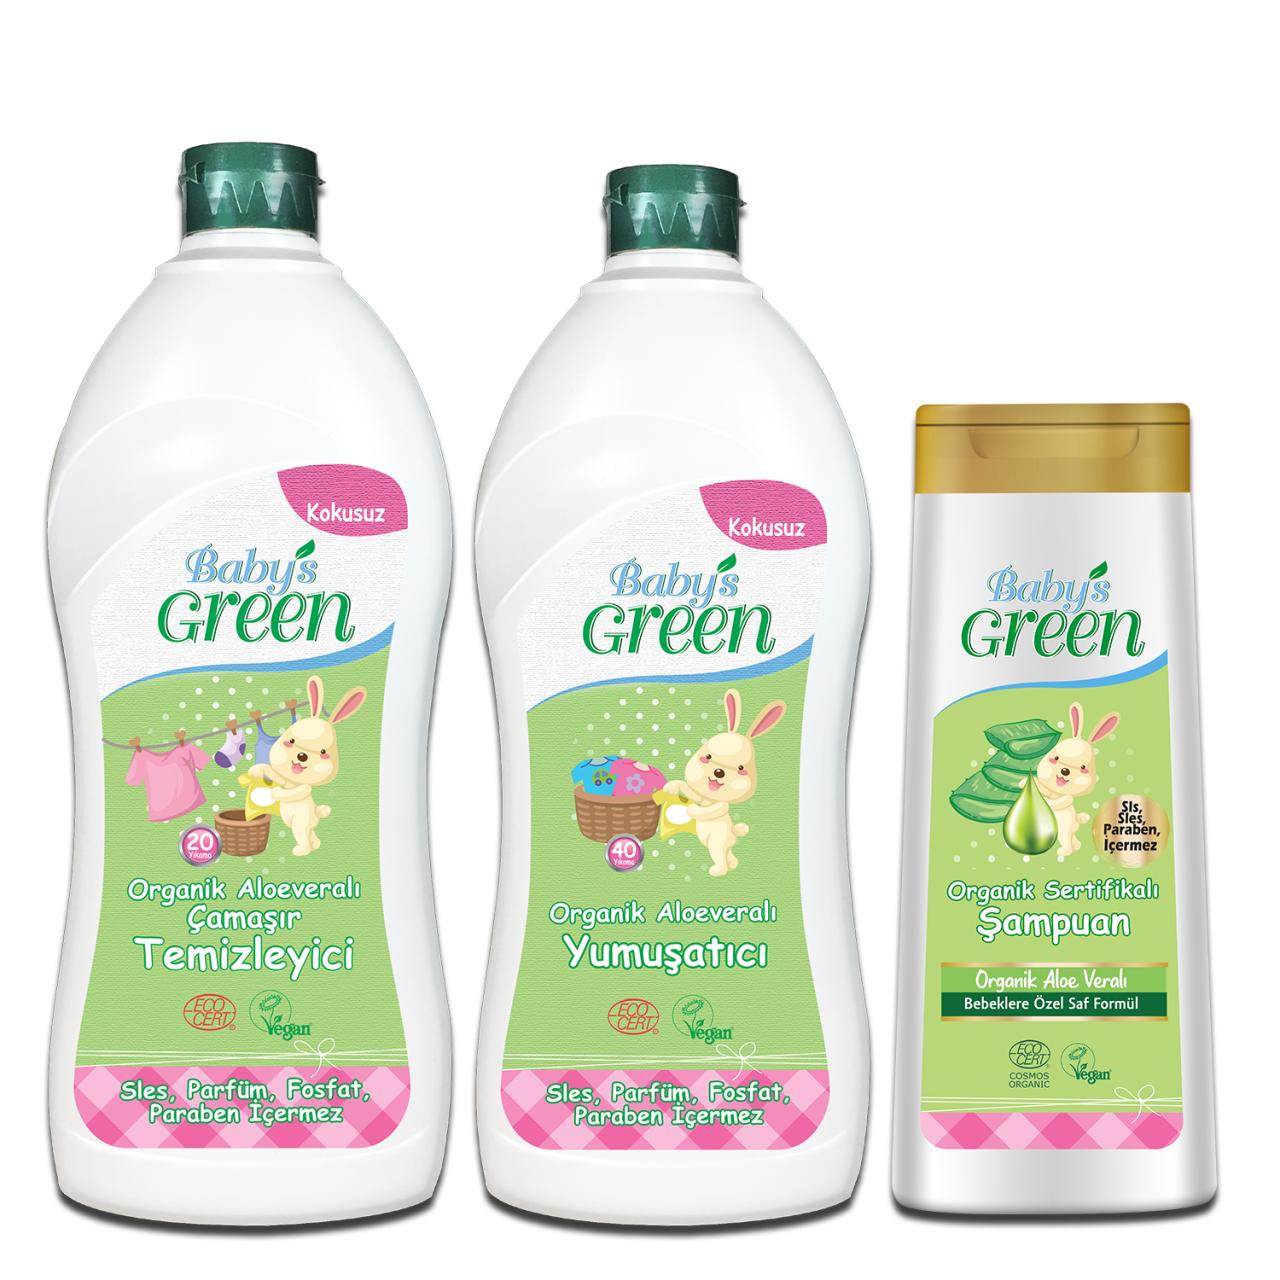 Bebeğiniz İçin İdeal Güvenilirlik, Yeşil Anne!